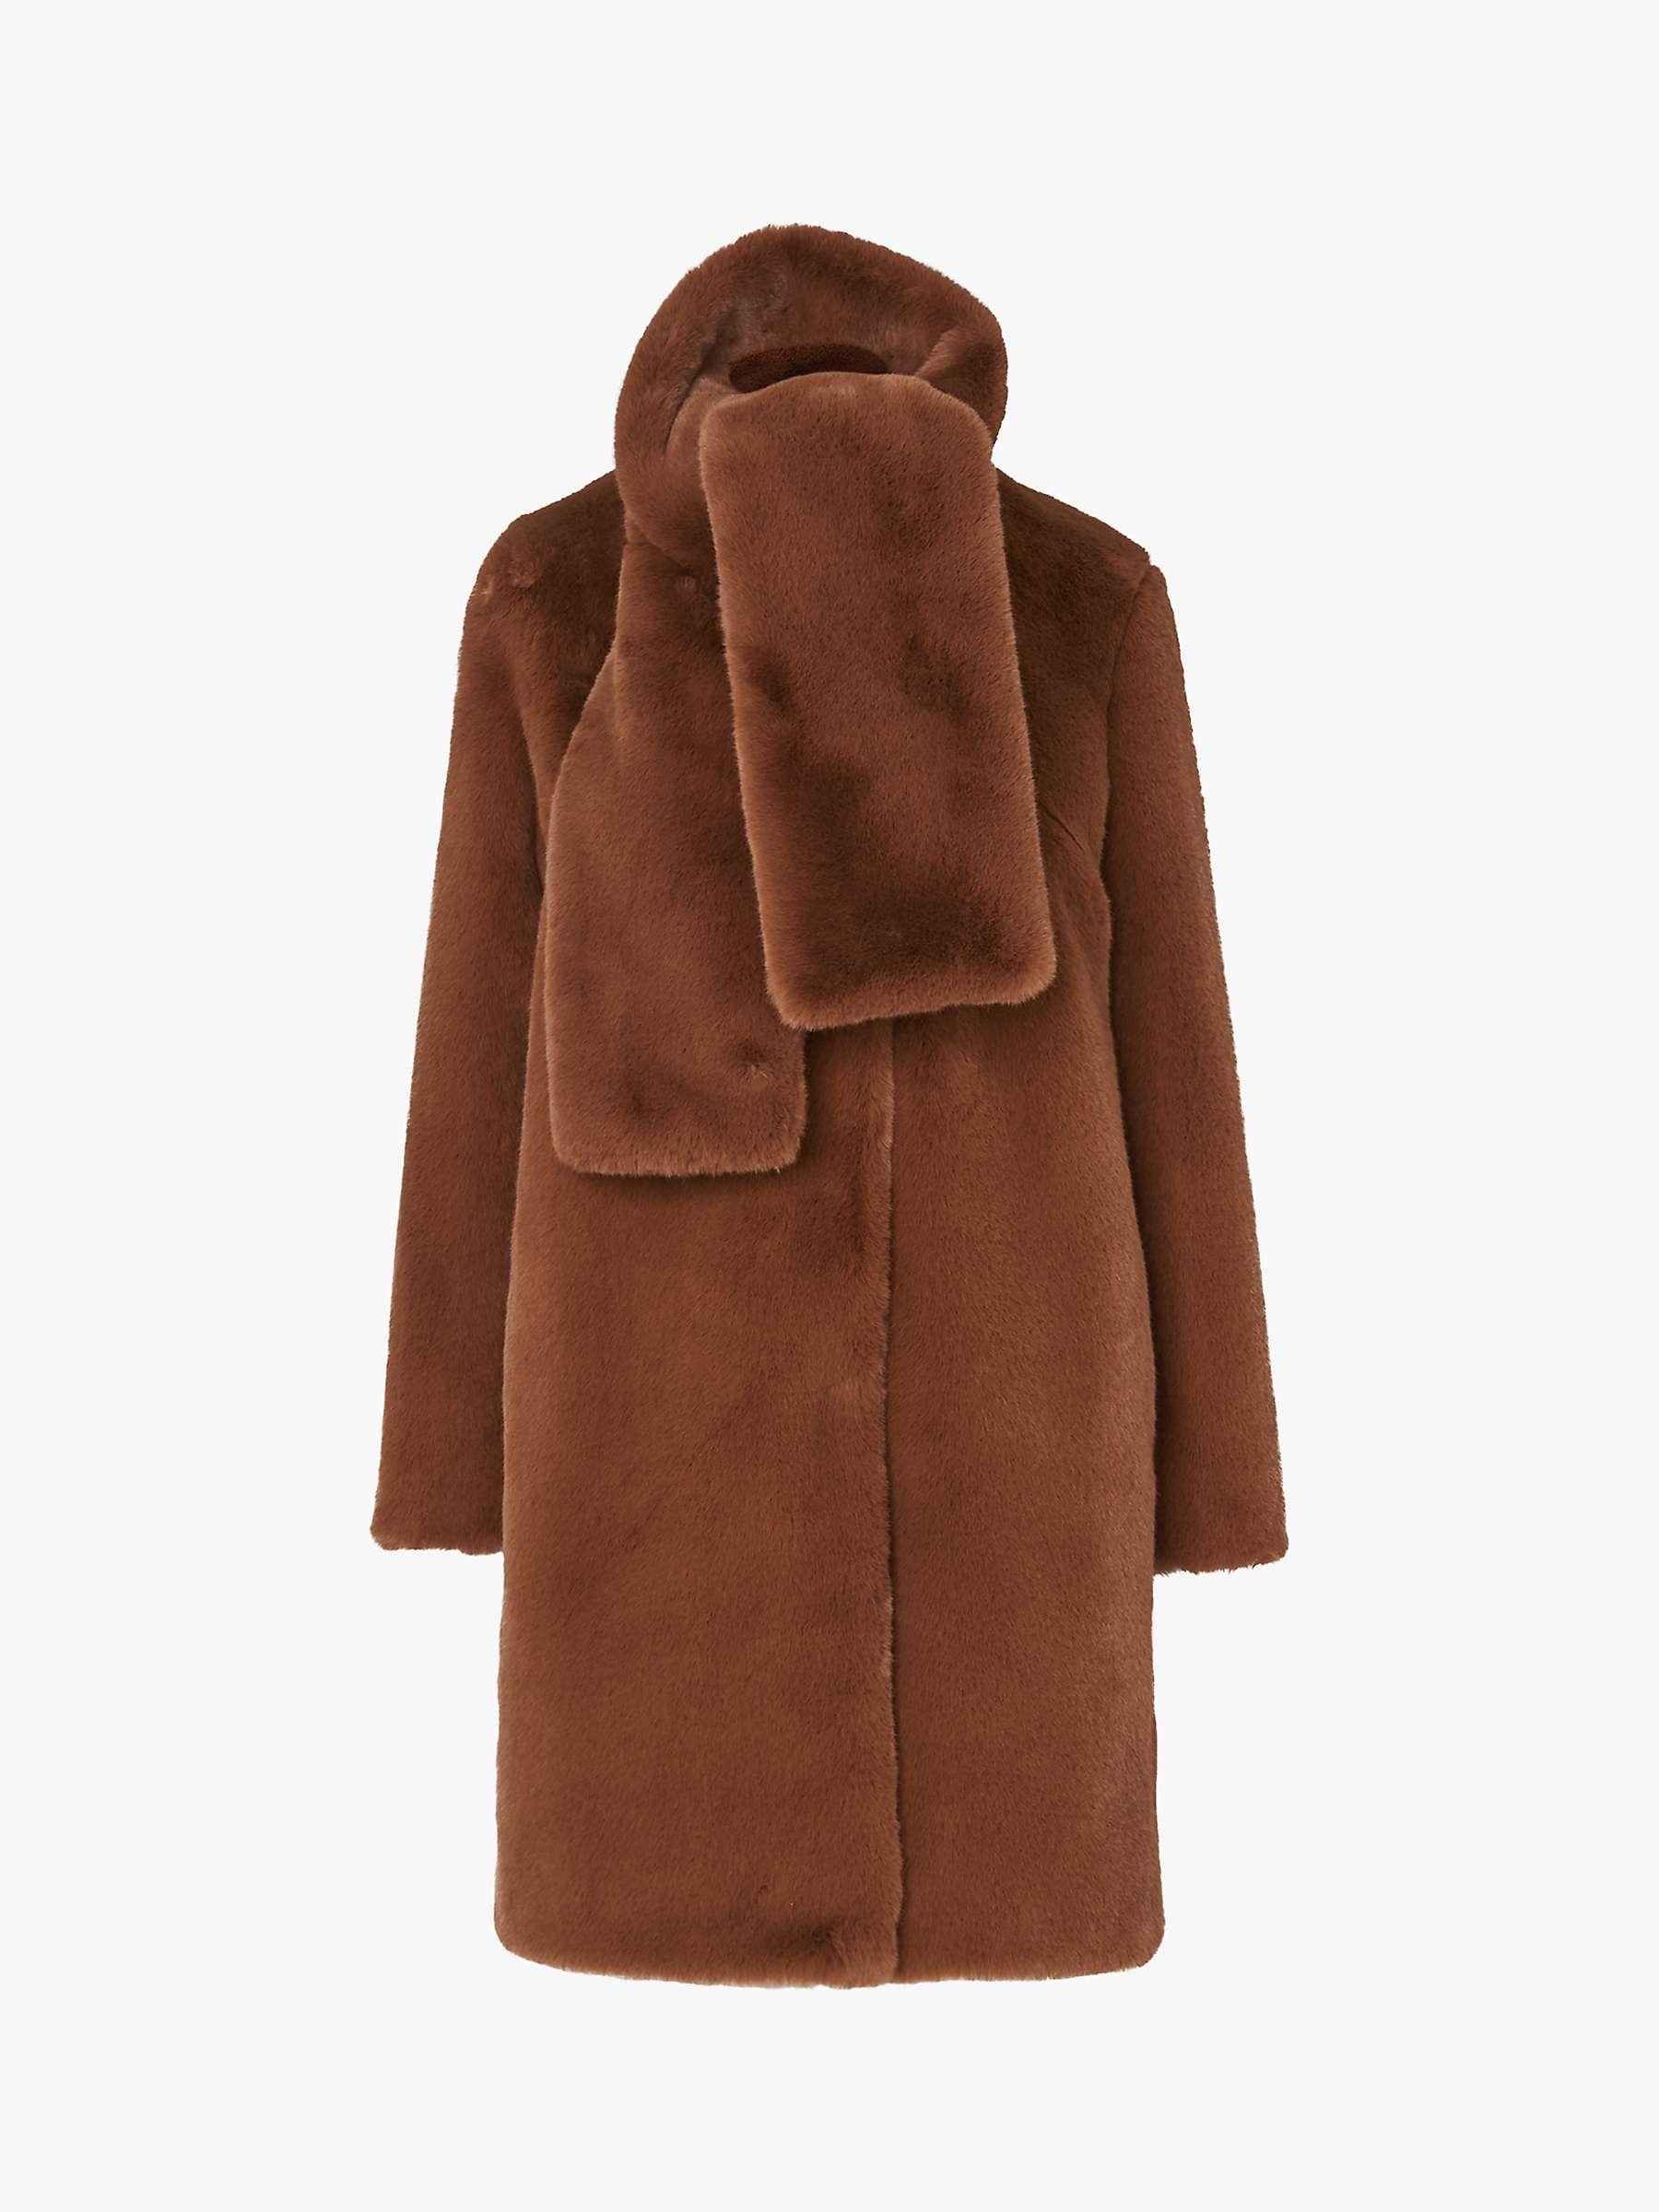 L.K.Bennett Aspen Faux Fur Coat, Light Brown by L.K.Bennett